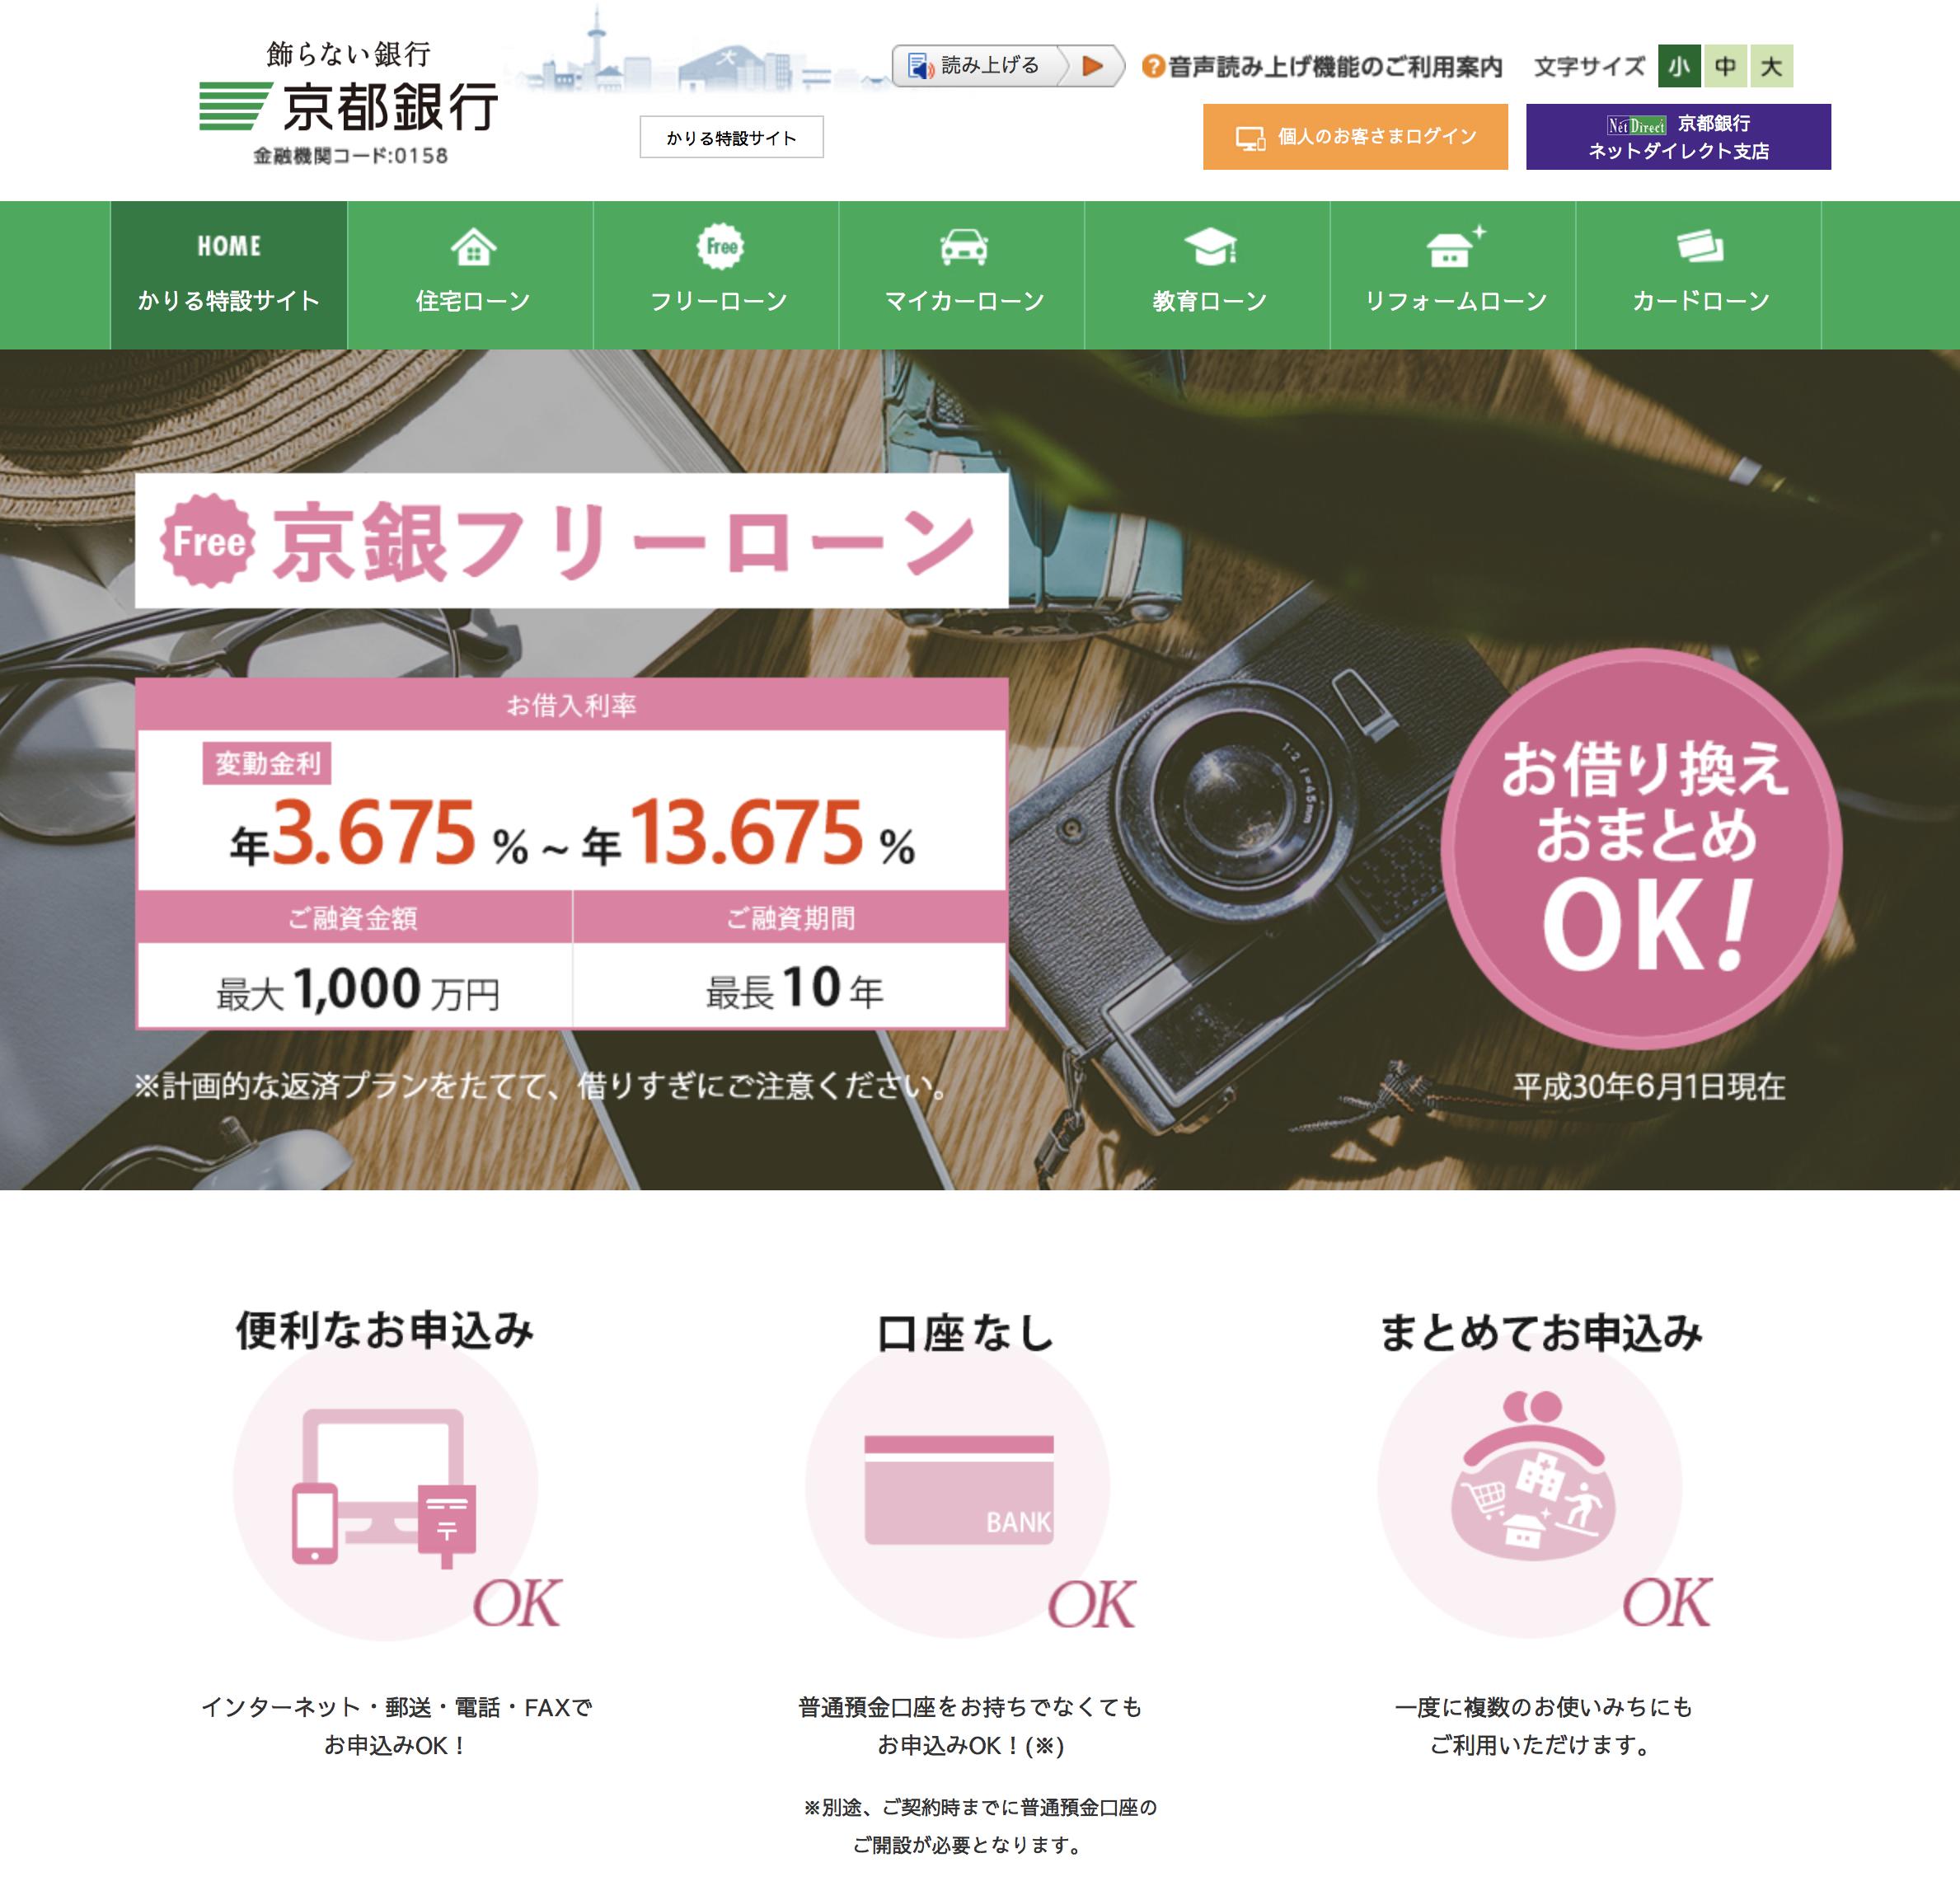 おまとめローン⑦ 京都銀行